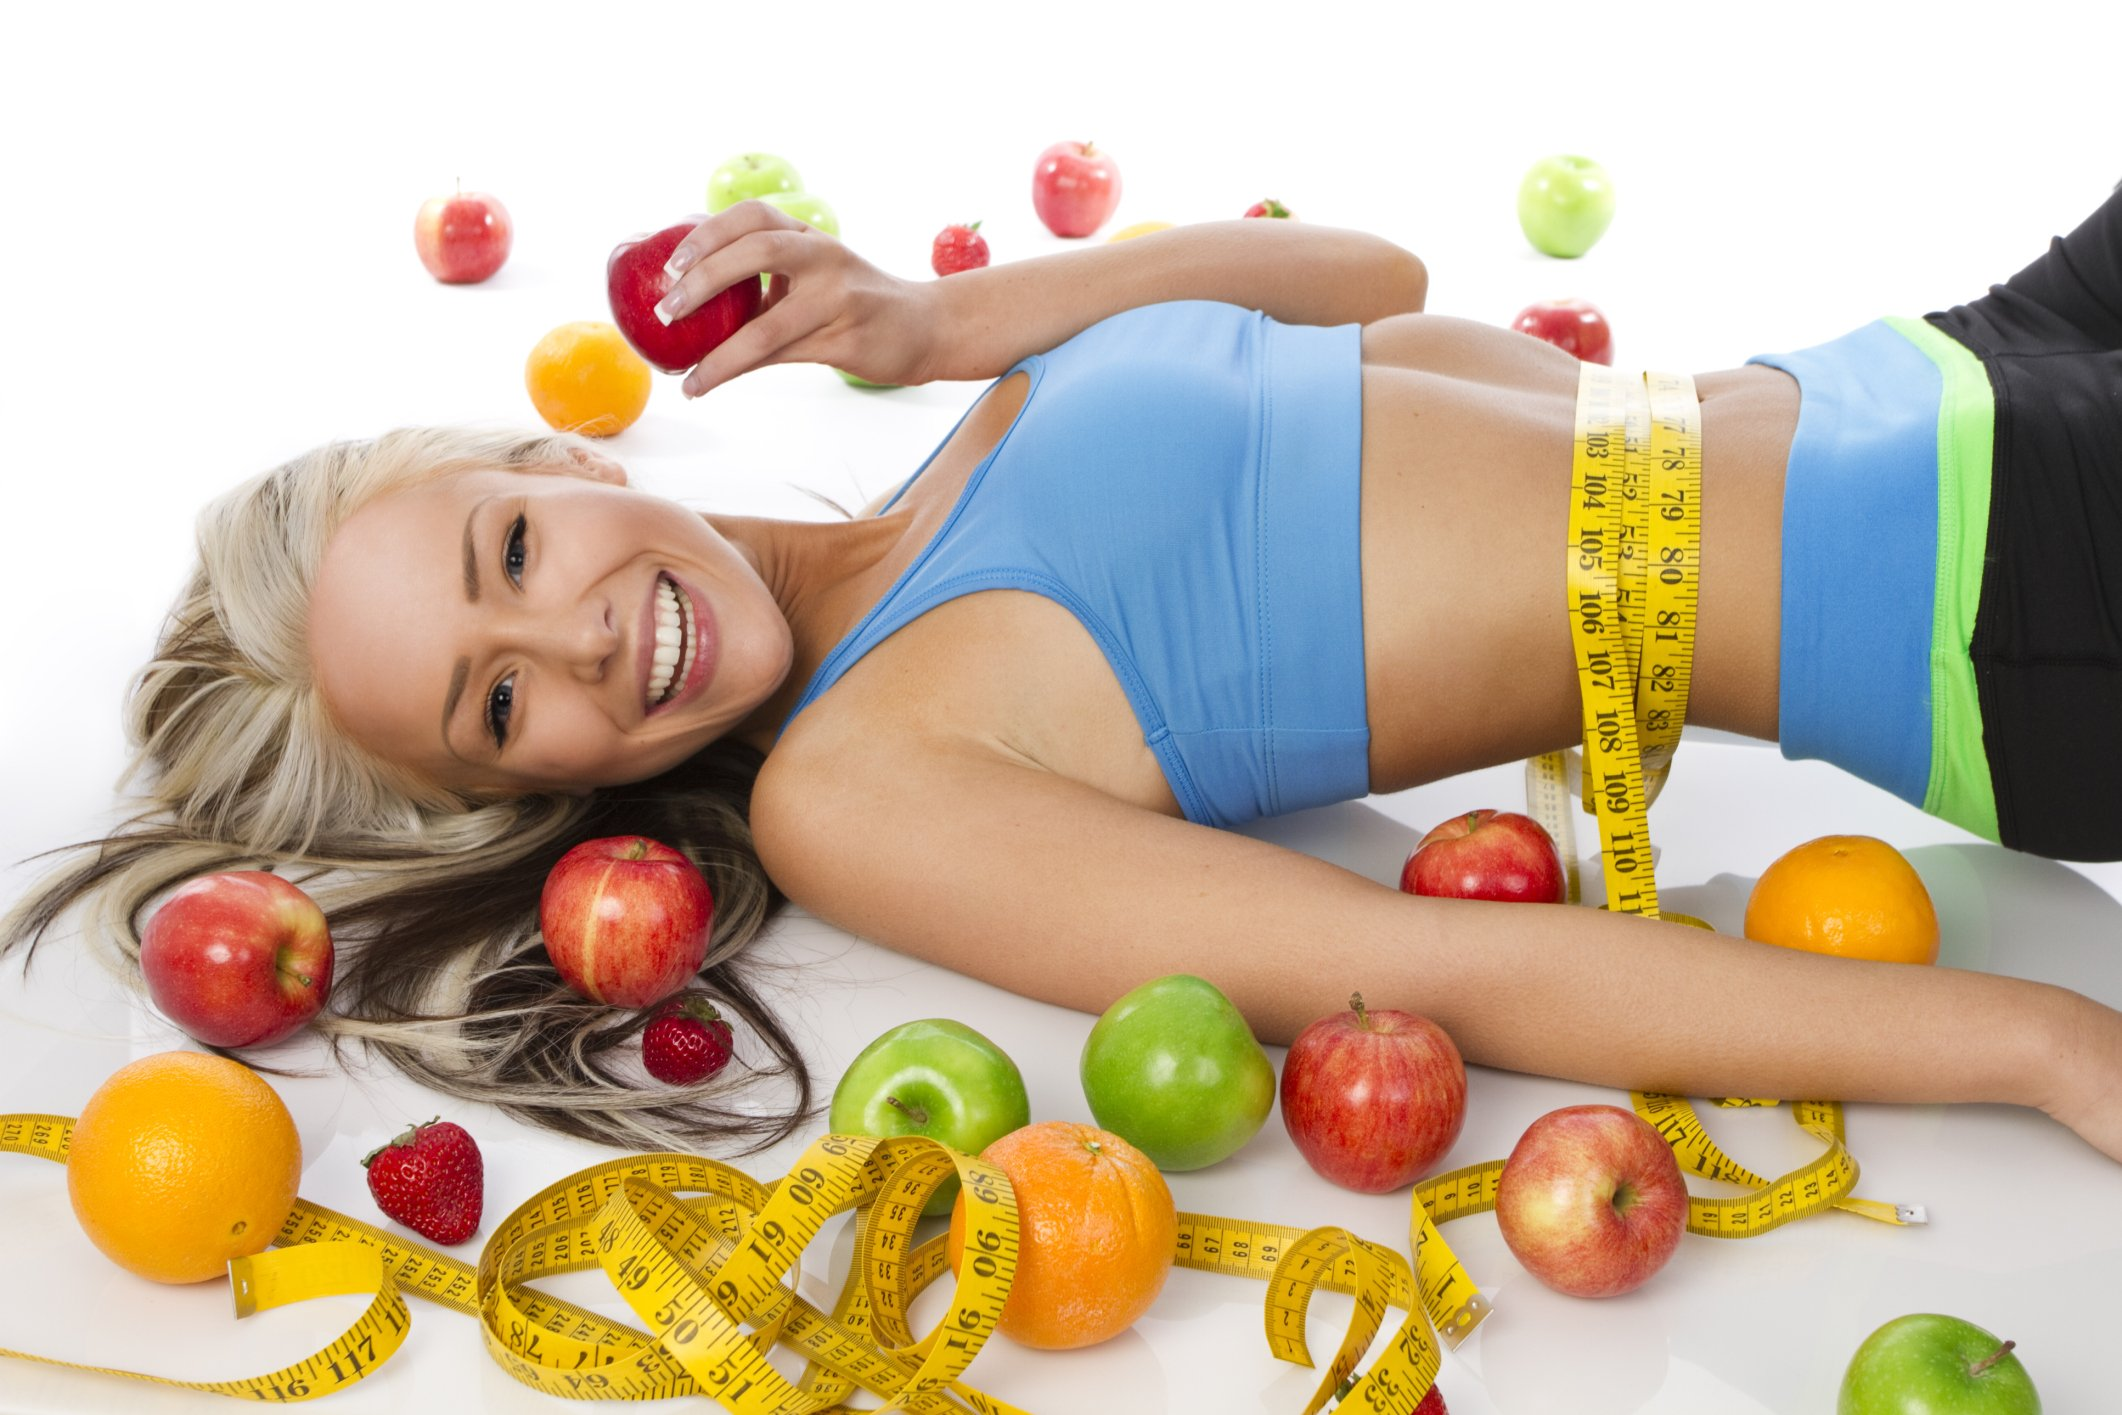 yaponskaya dieta na 14 dnejj: menyu, pravilnoe pokhudenie, foto, rezultaty, otzyvy162 Японська дієта на 14 днів: меню, правильне схуднення, фото, результати, відгуки